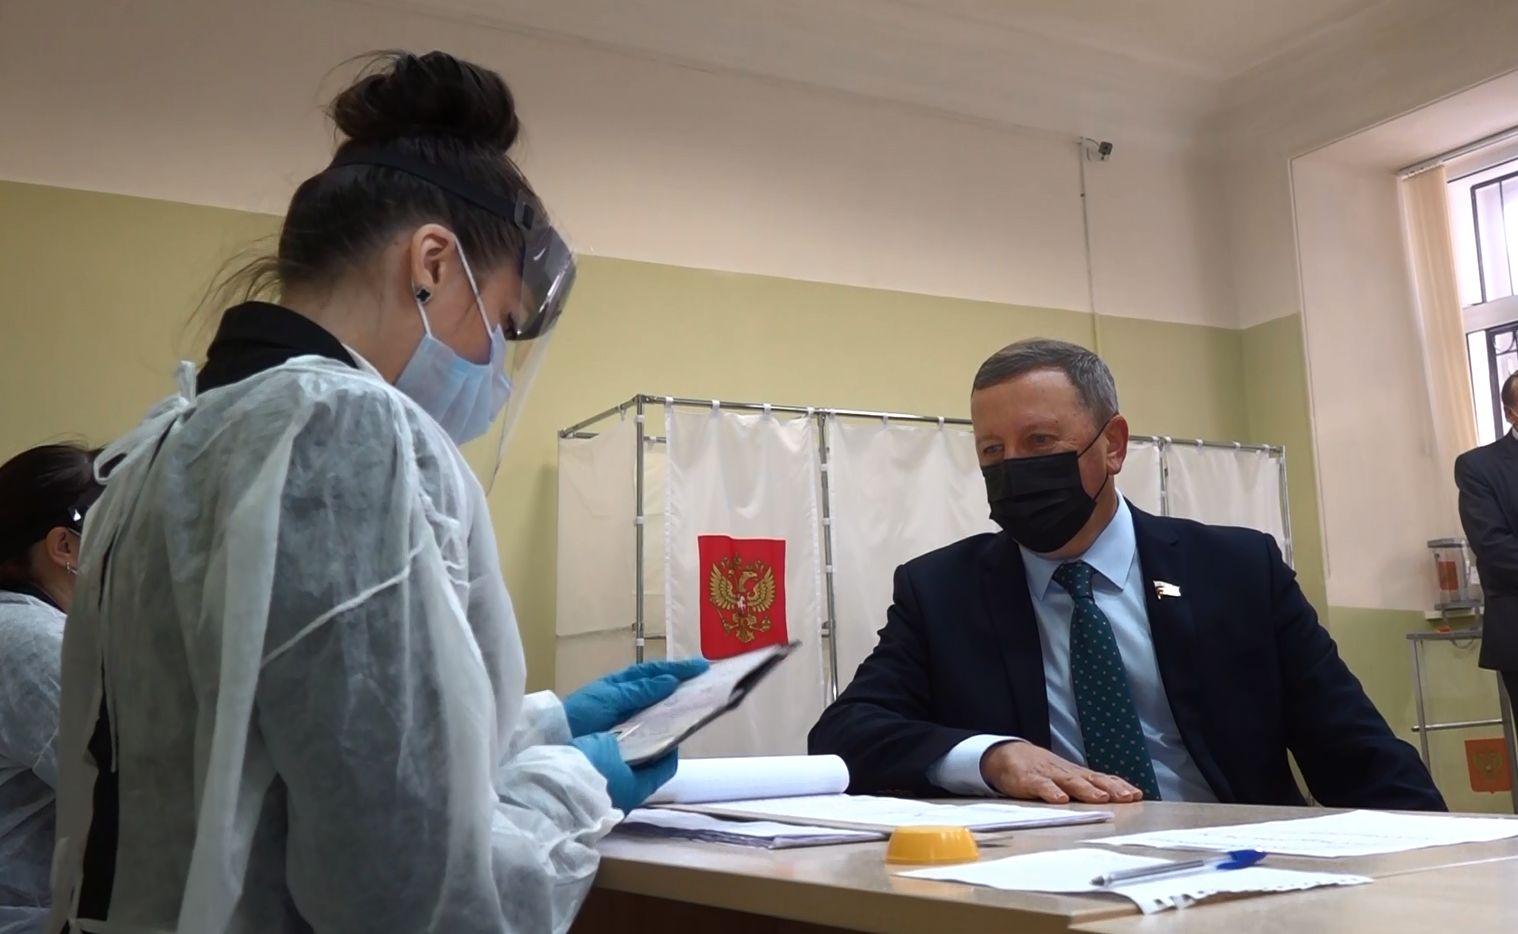 Как в Ярославле голосовали представители общественности и власти